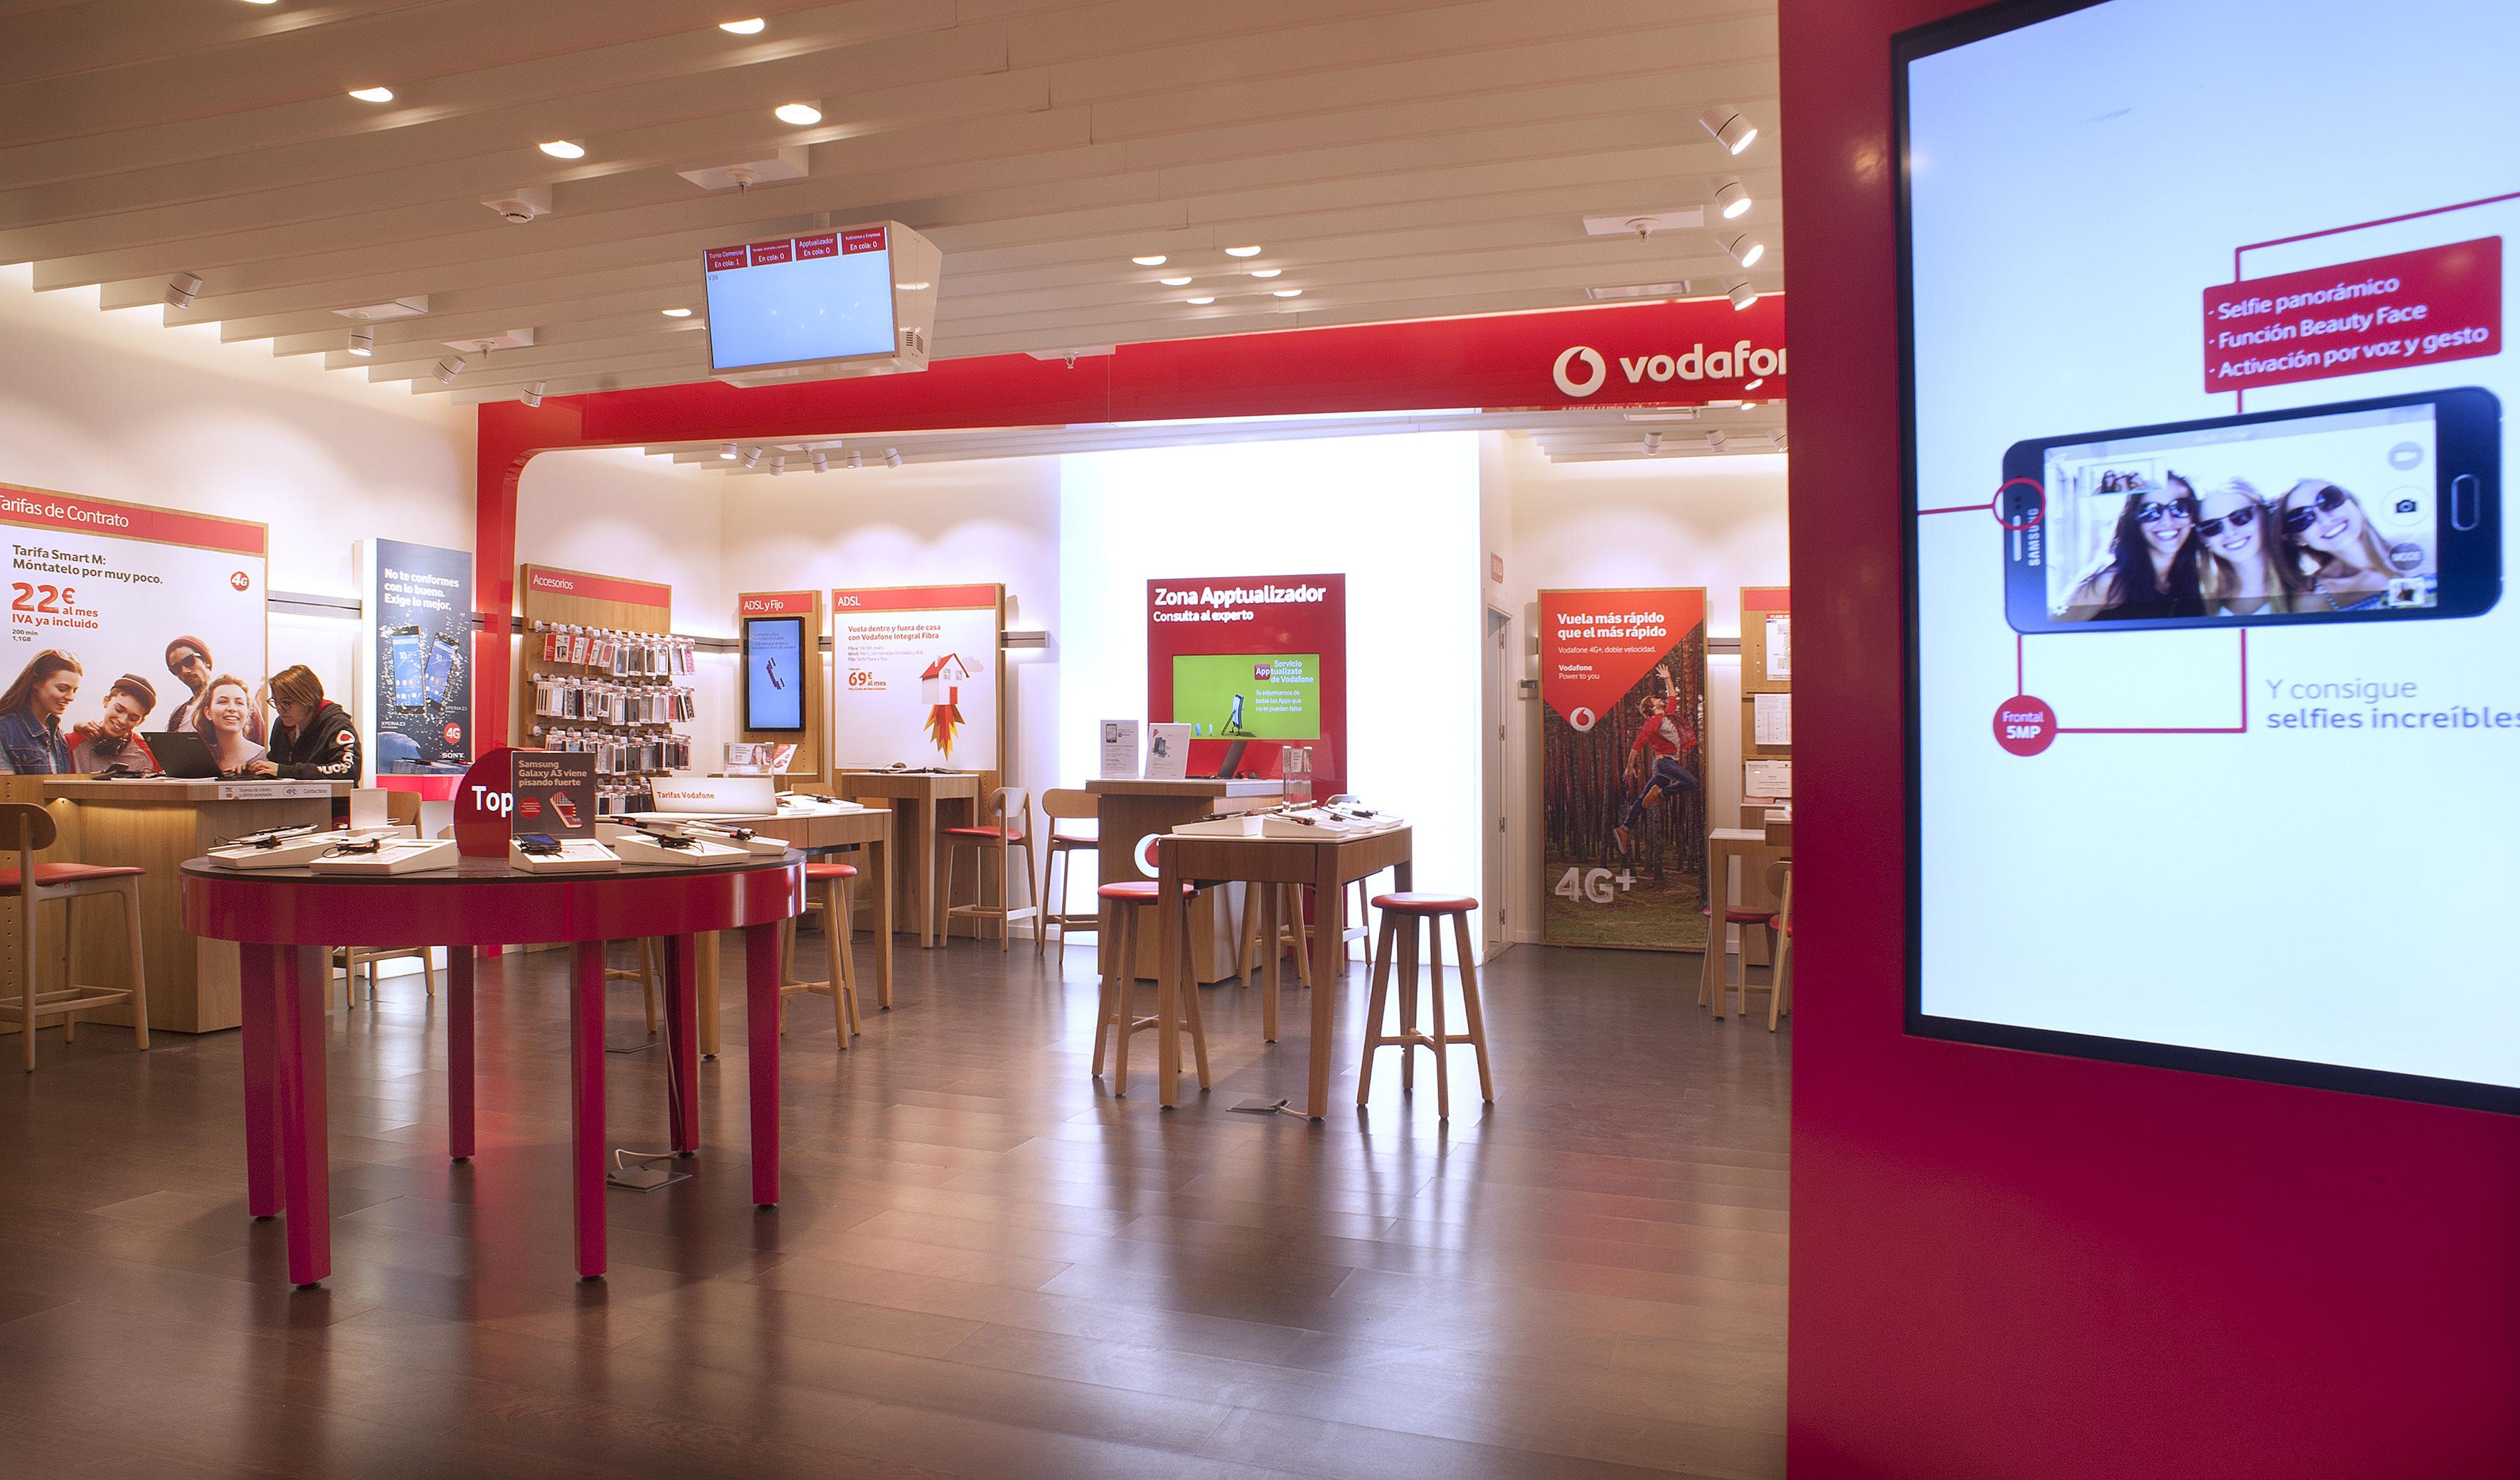 Luxuryretail_Tecnologia-NFC-en-la-publicidad-tiendas-Vodafone